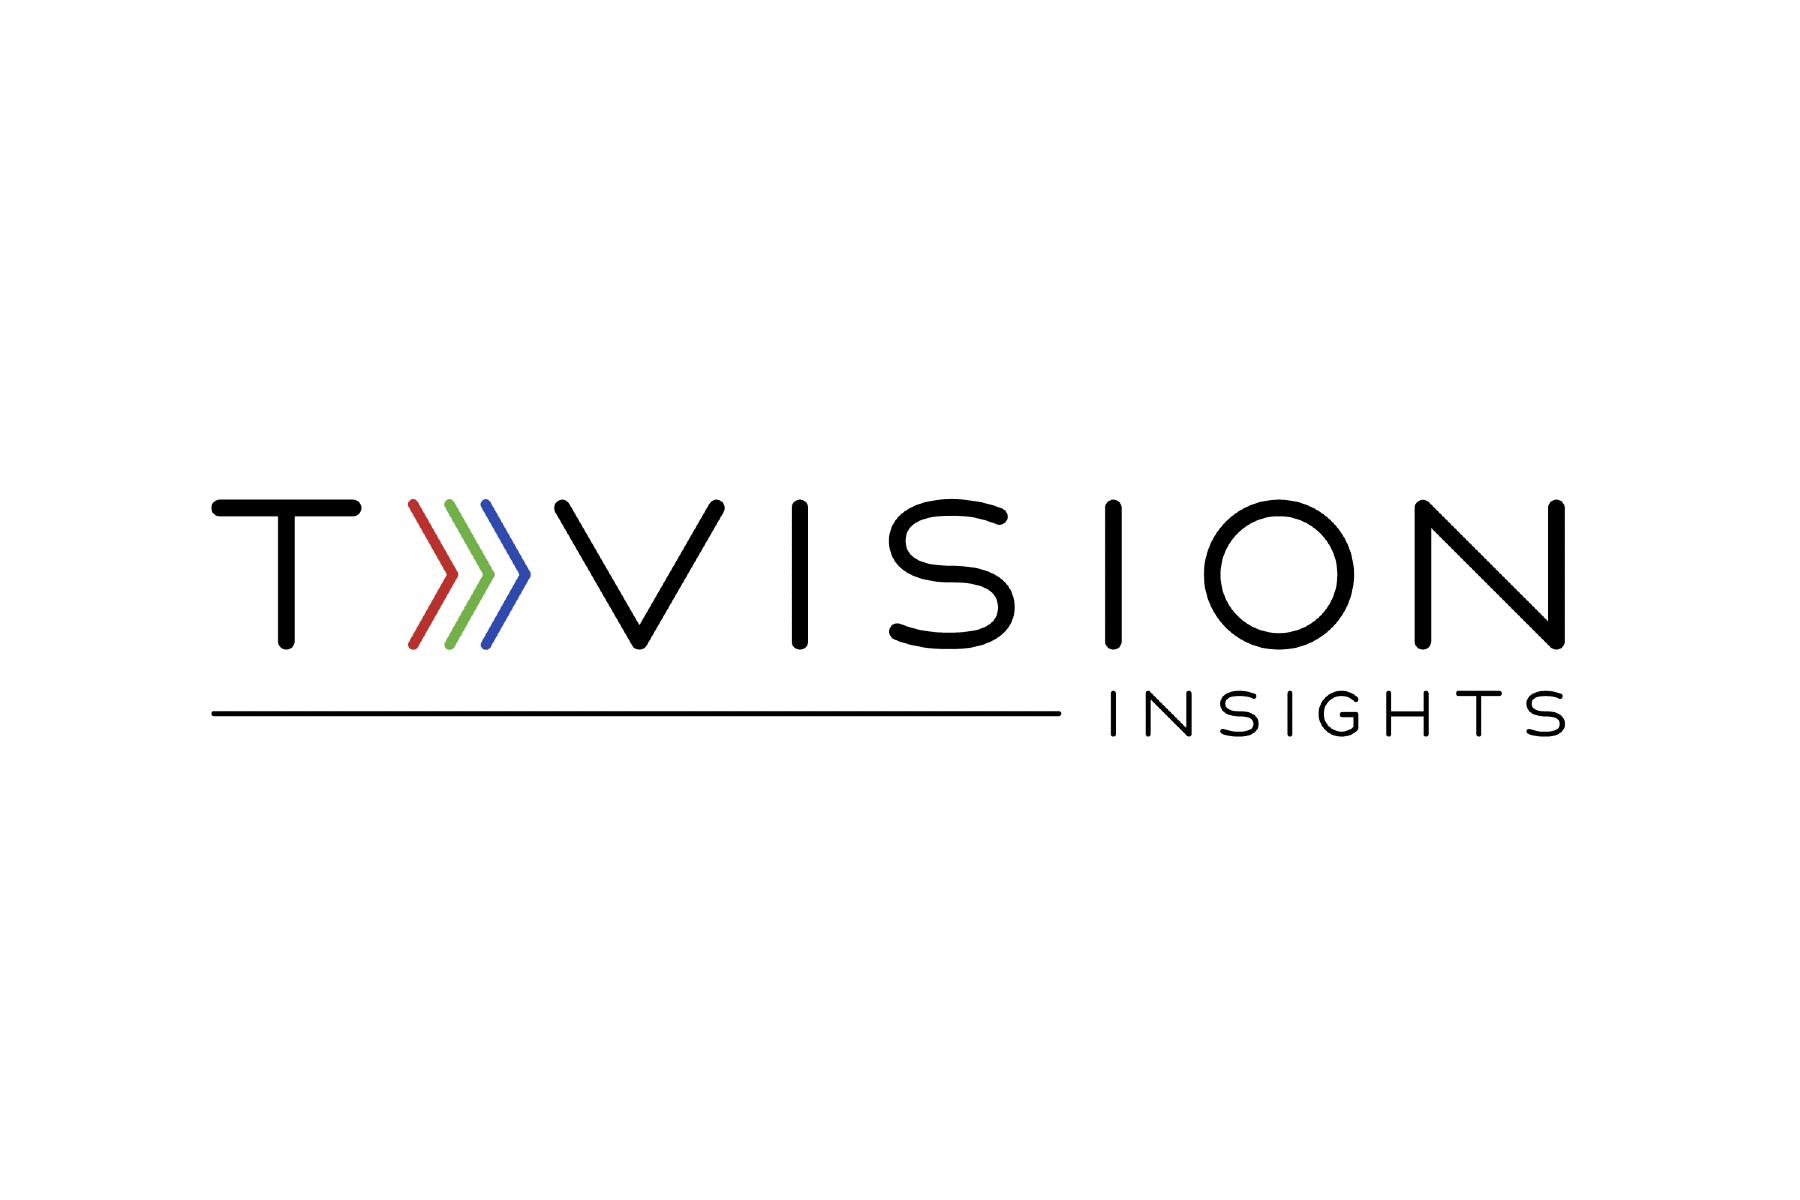 テレビの視聴質データを提供するTVISION INSIGHTS、総額約10億円の資金調達を実施